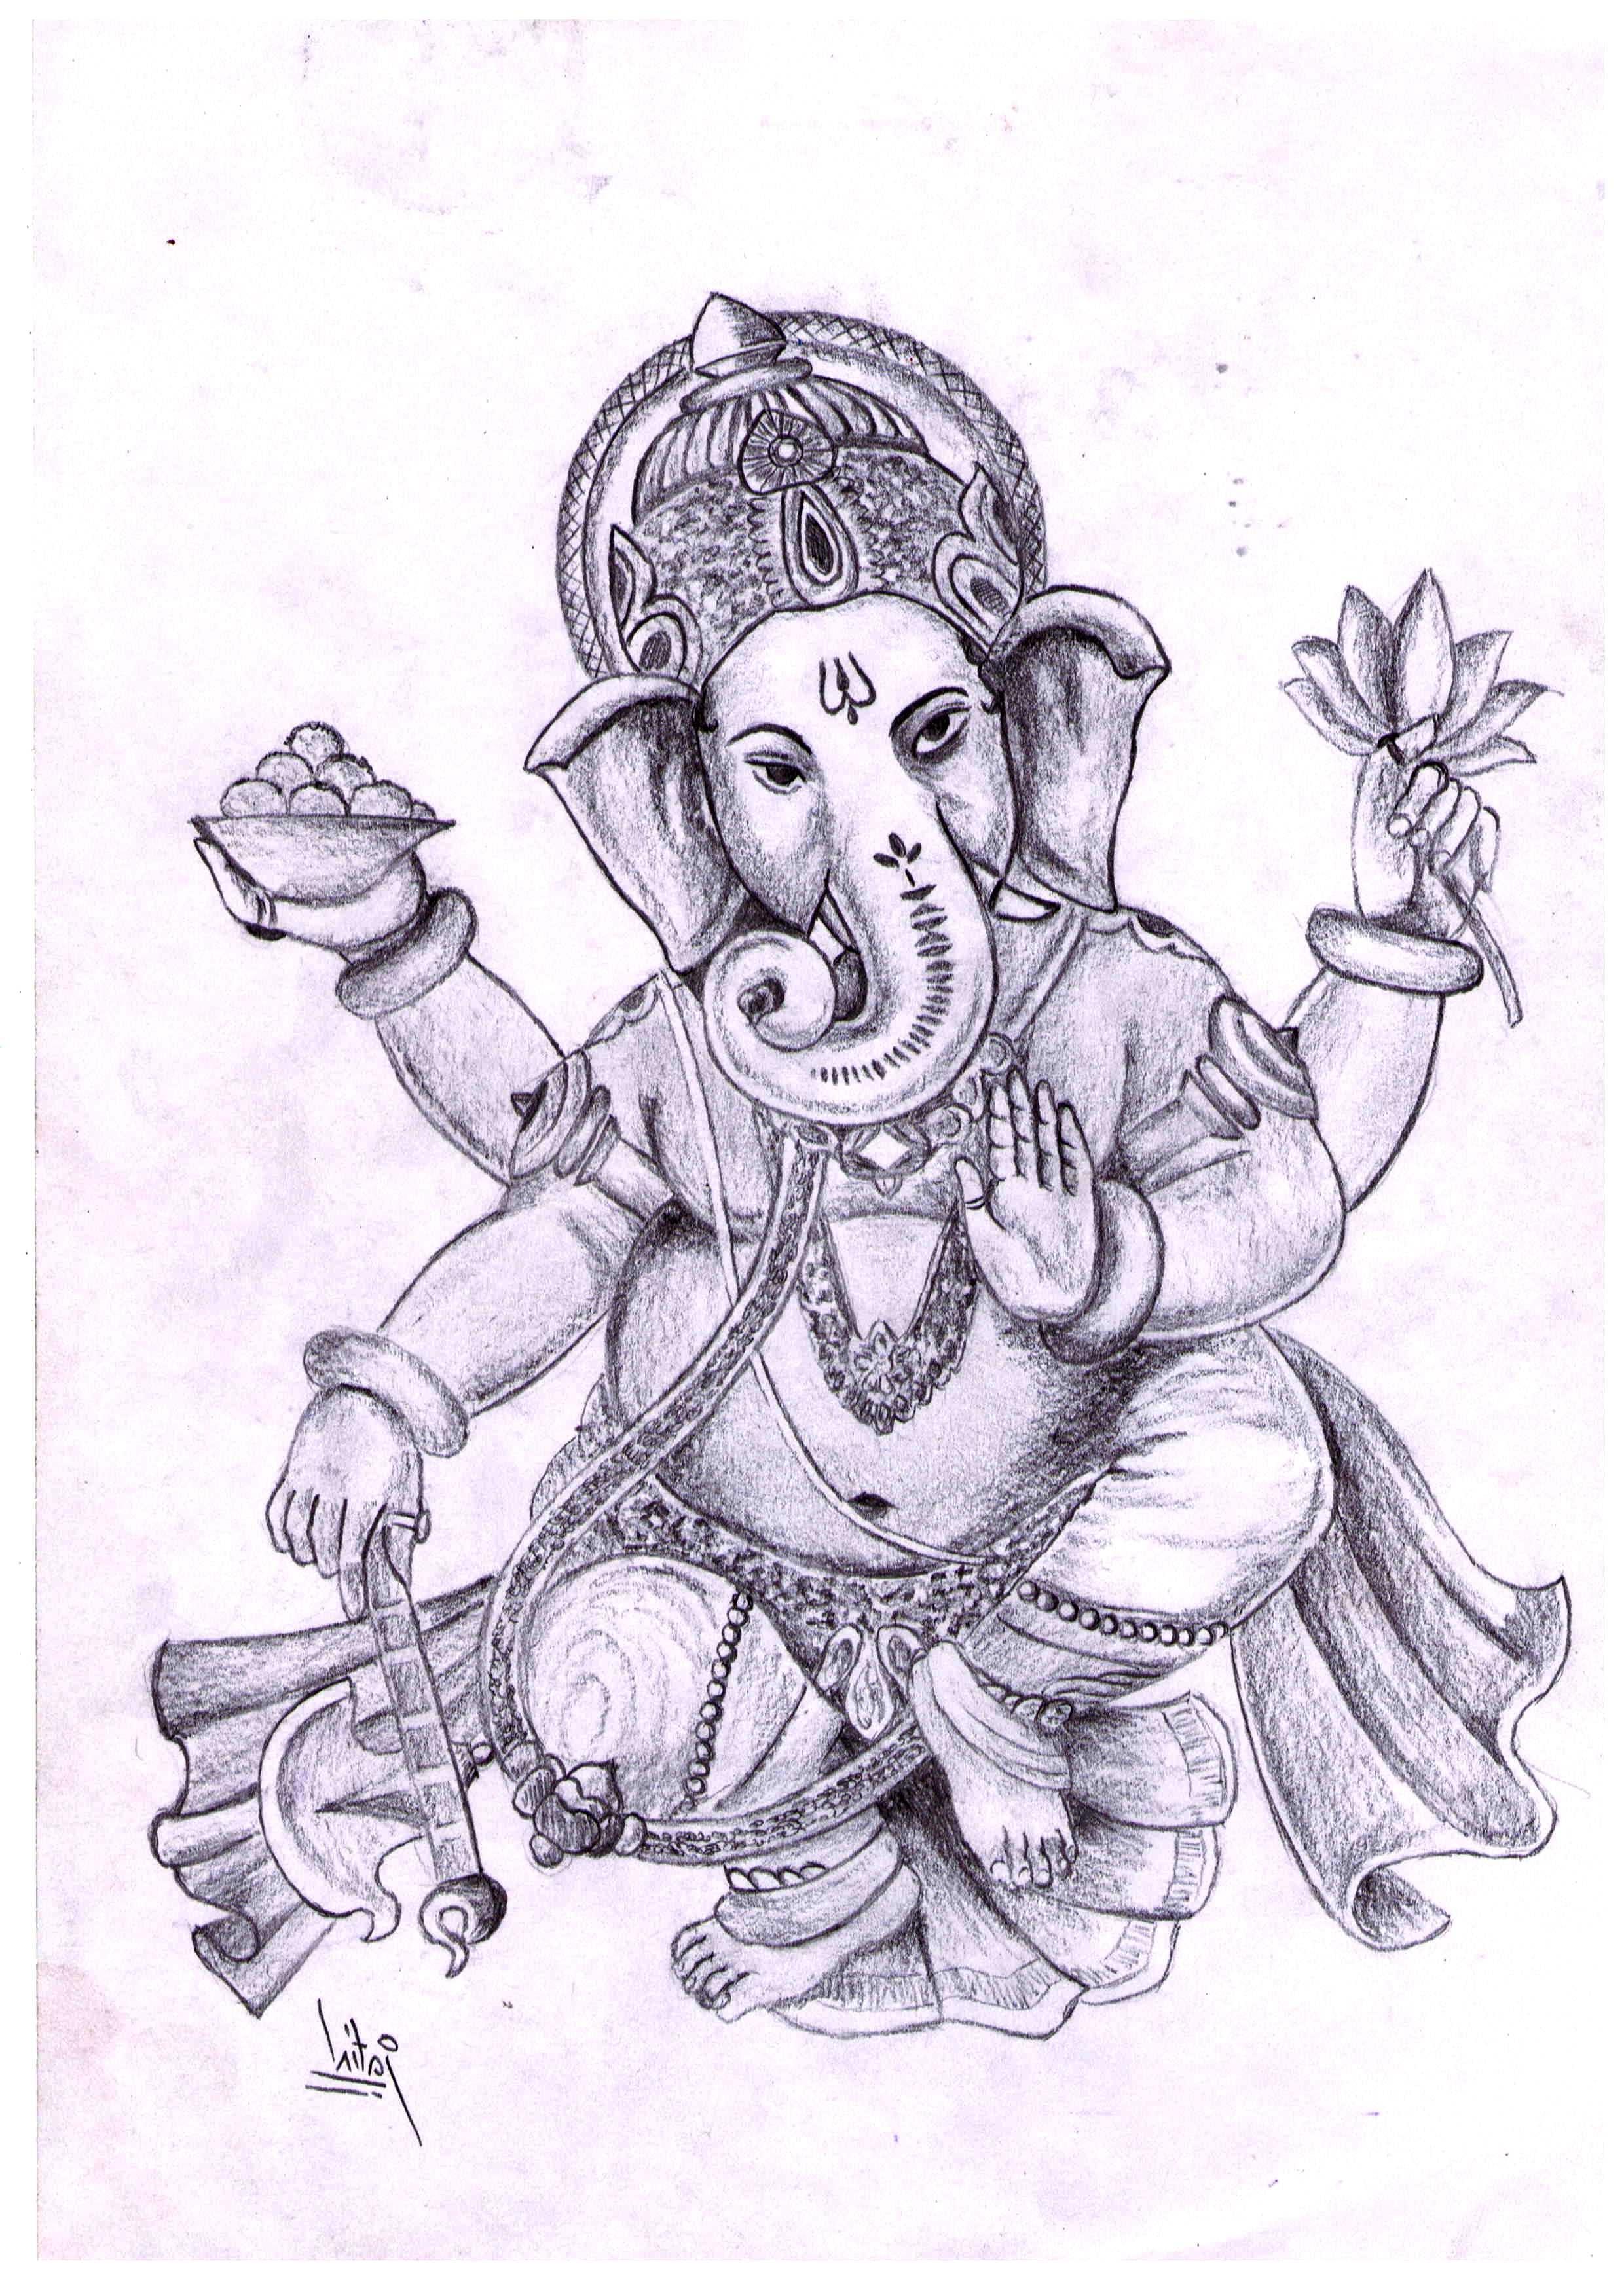 2480x3482 Drawing Of Lord Ganesha Pencil Drawing Of Lord Ganesha